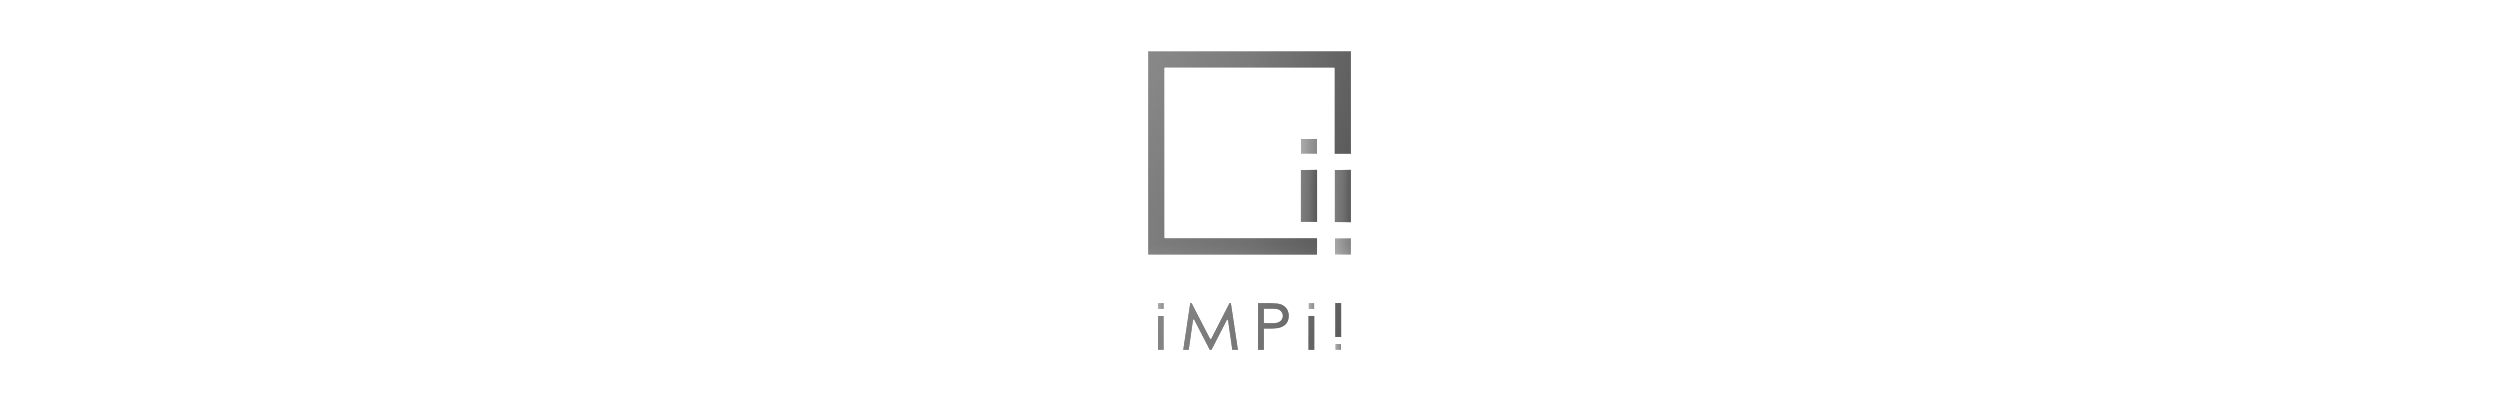 impi.png